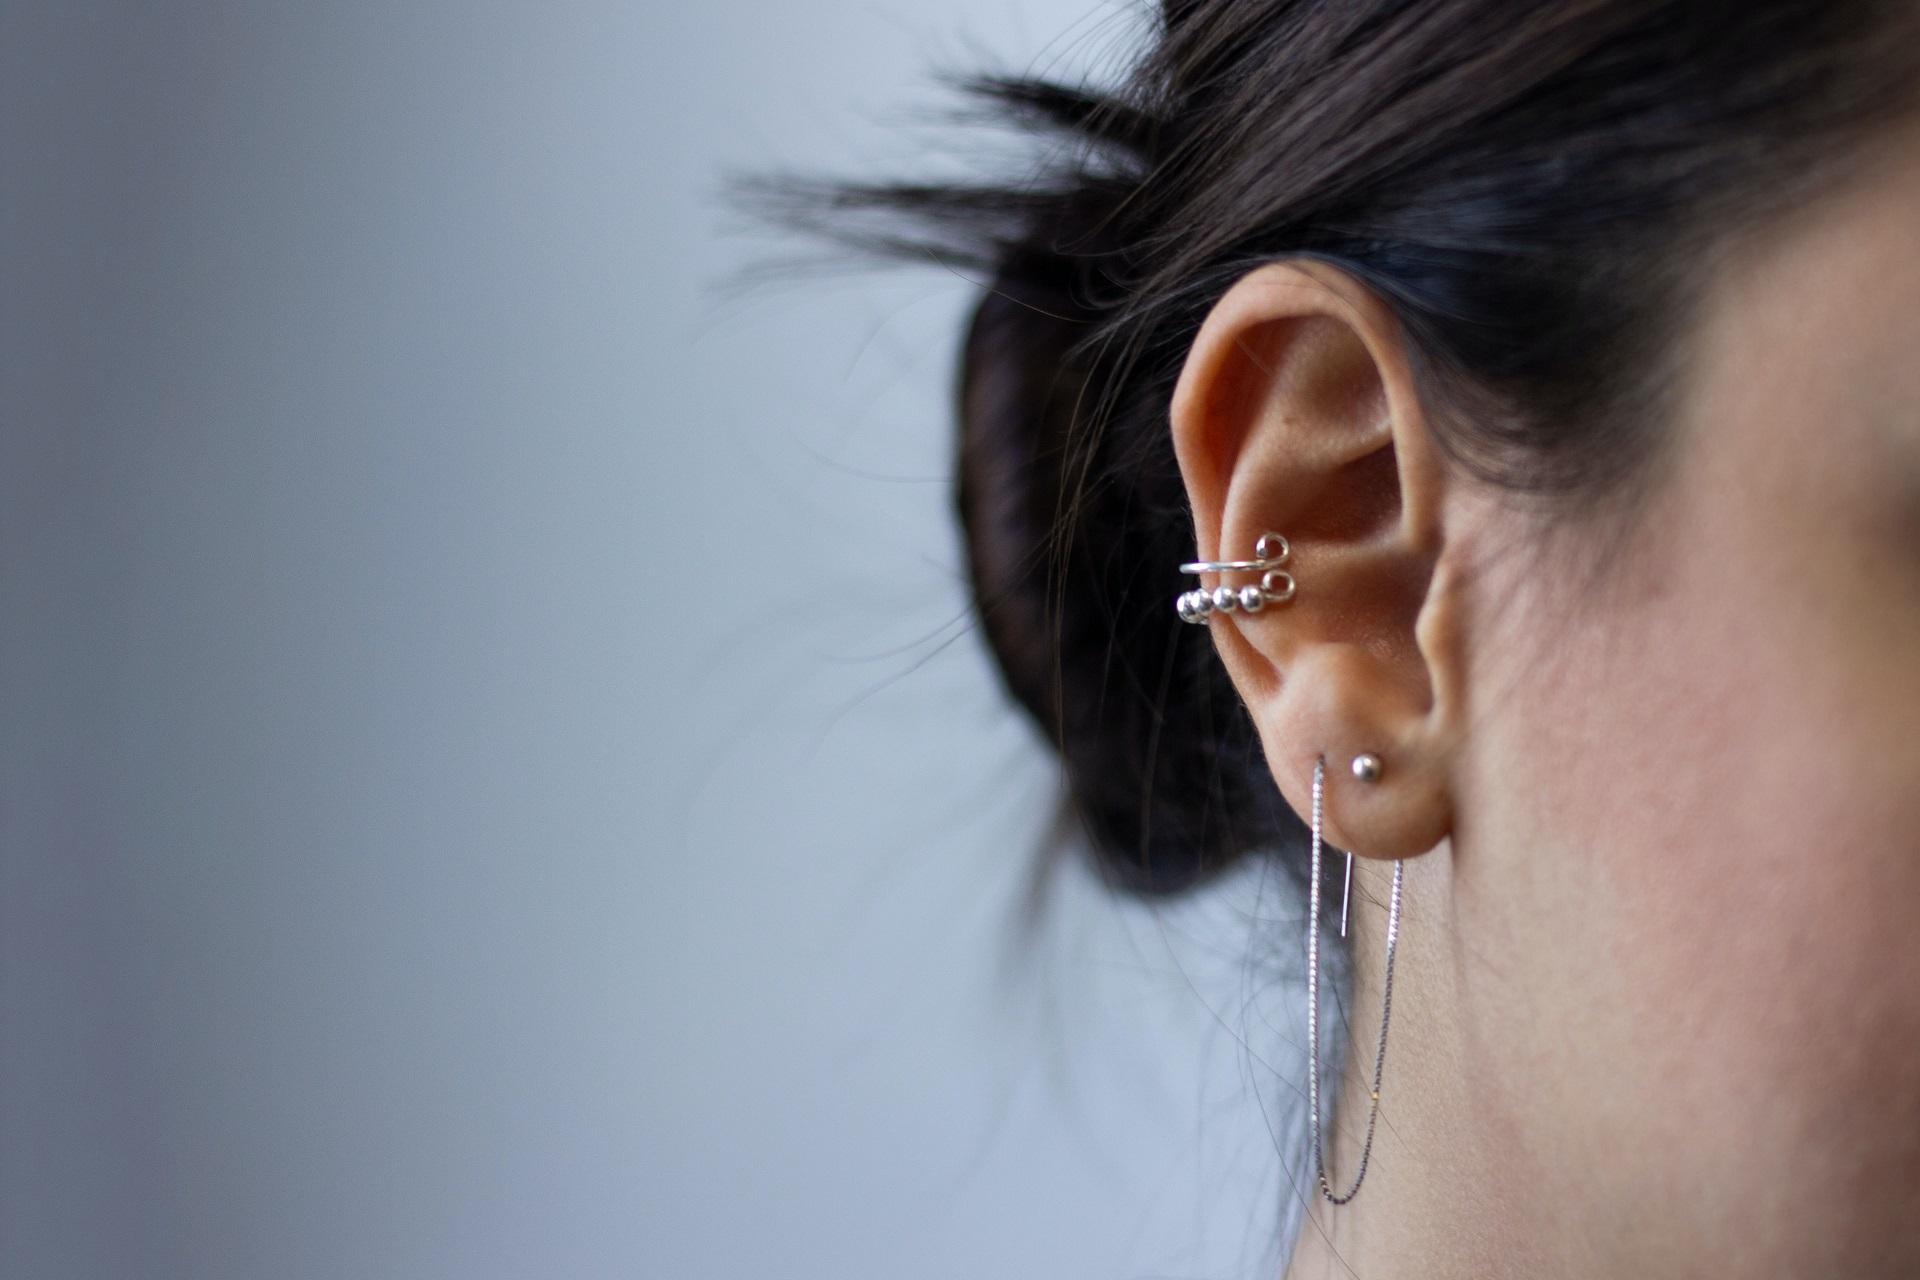 OMU czyli korekcyjna plastyka małżowin usznych